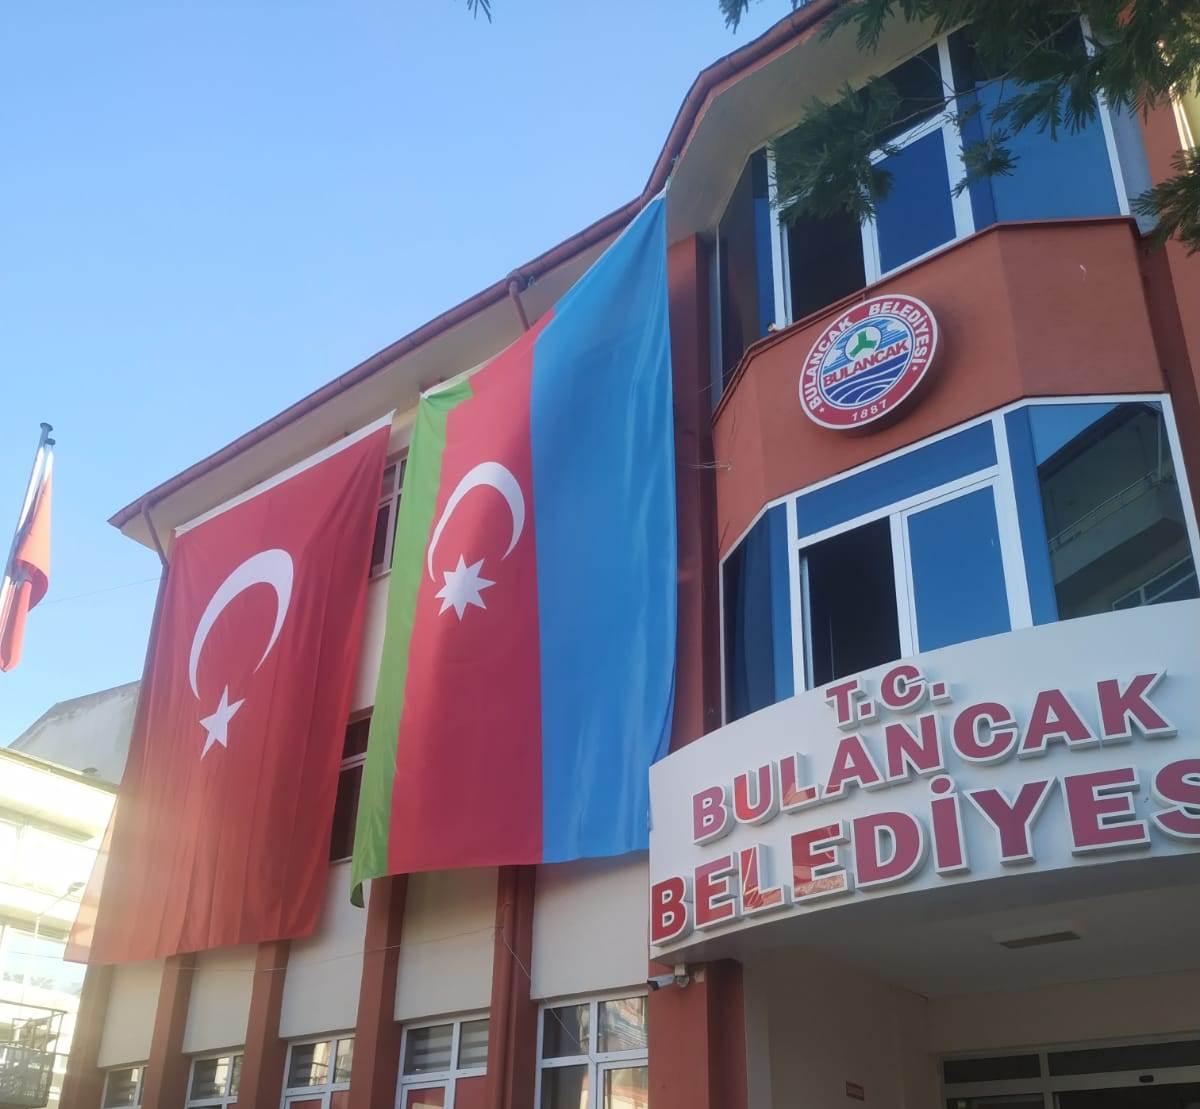 Bulancak Belediye Binasına Türkiye-Azerbaycan Bayrakları asıldı